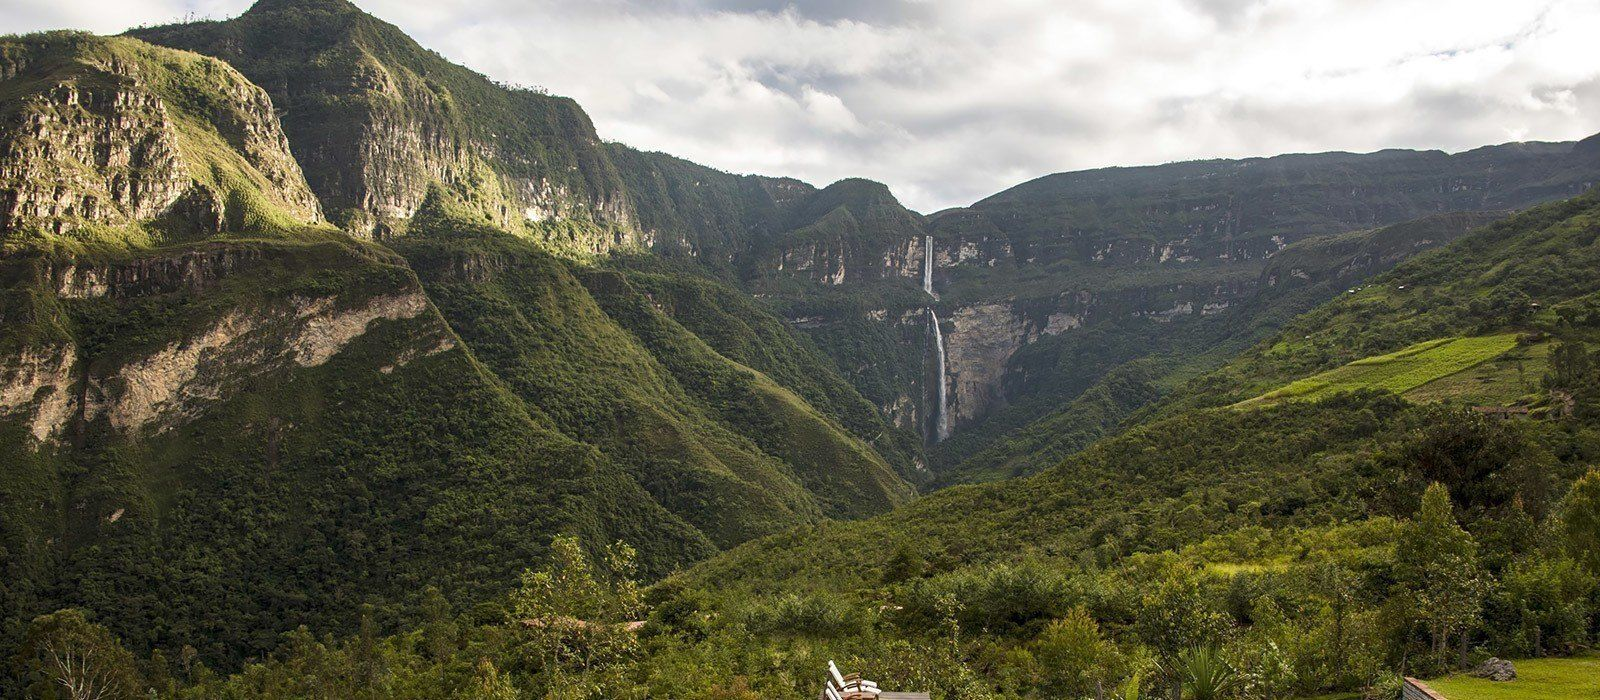 Reiseziel Chachapoyas Peru